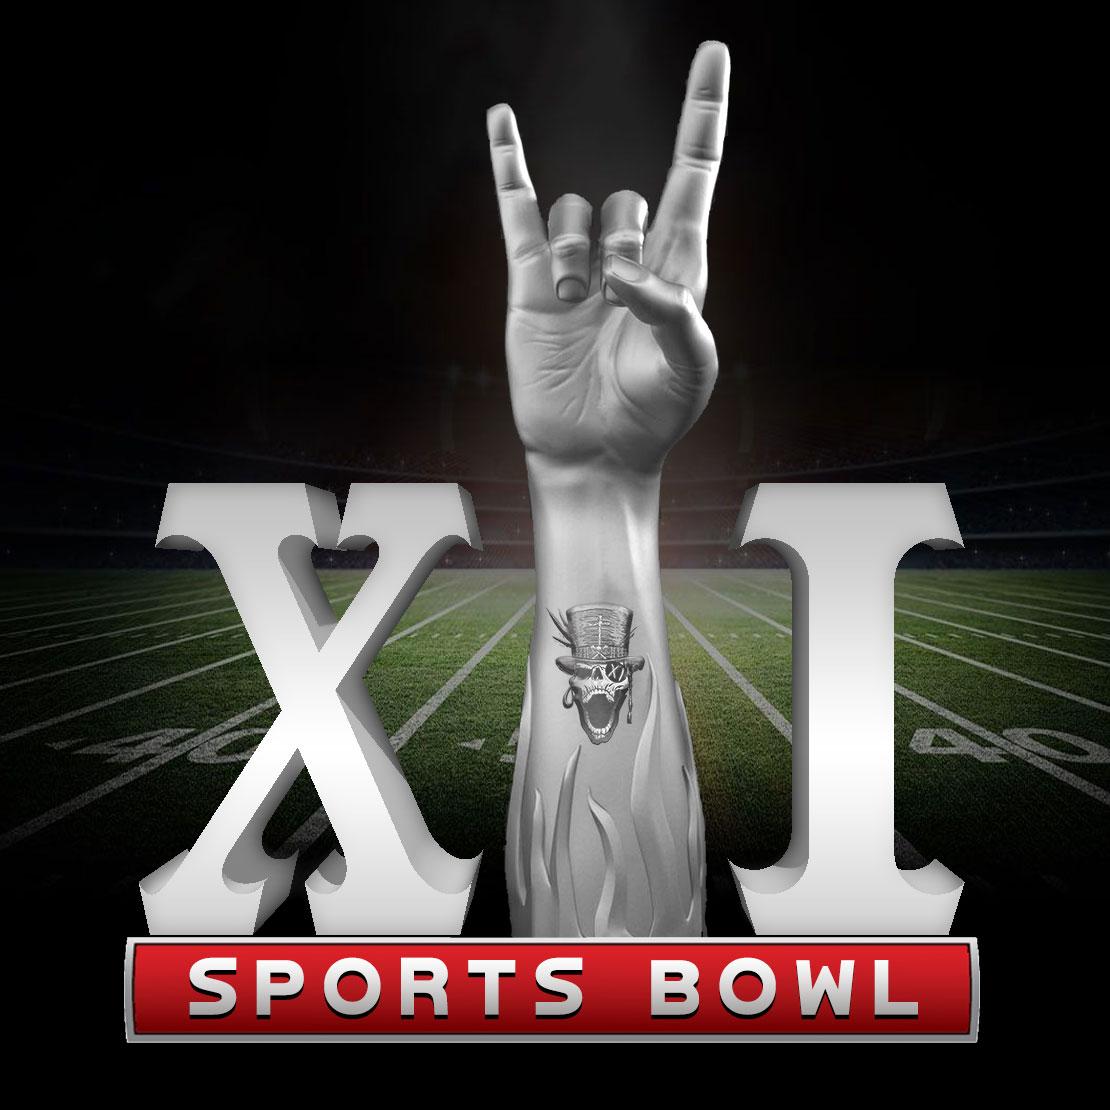 Sports Bowl